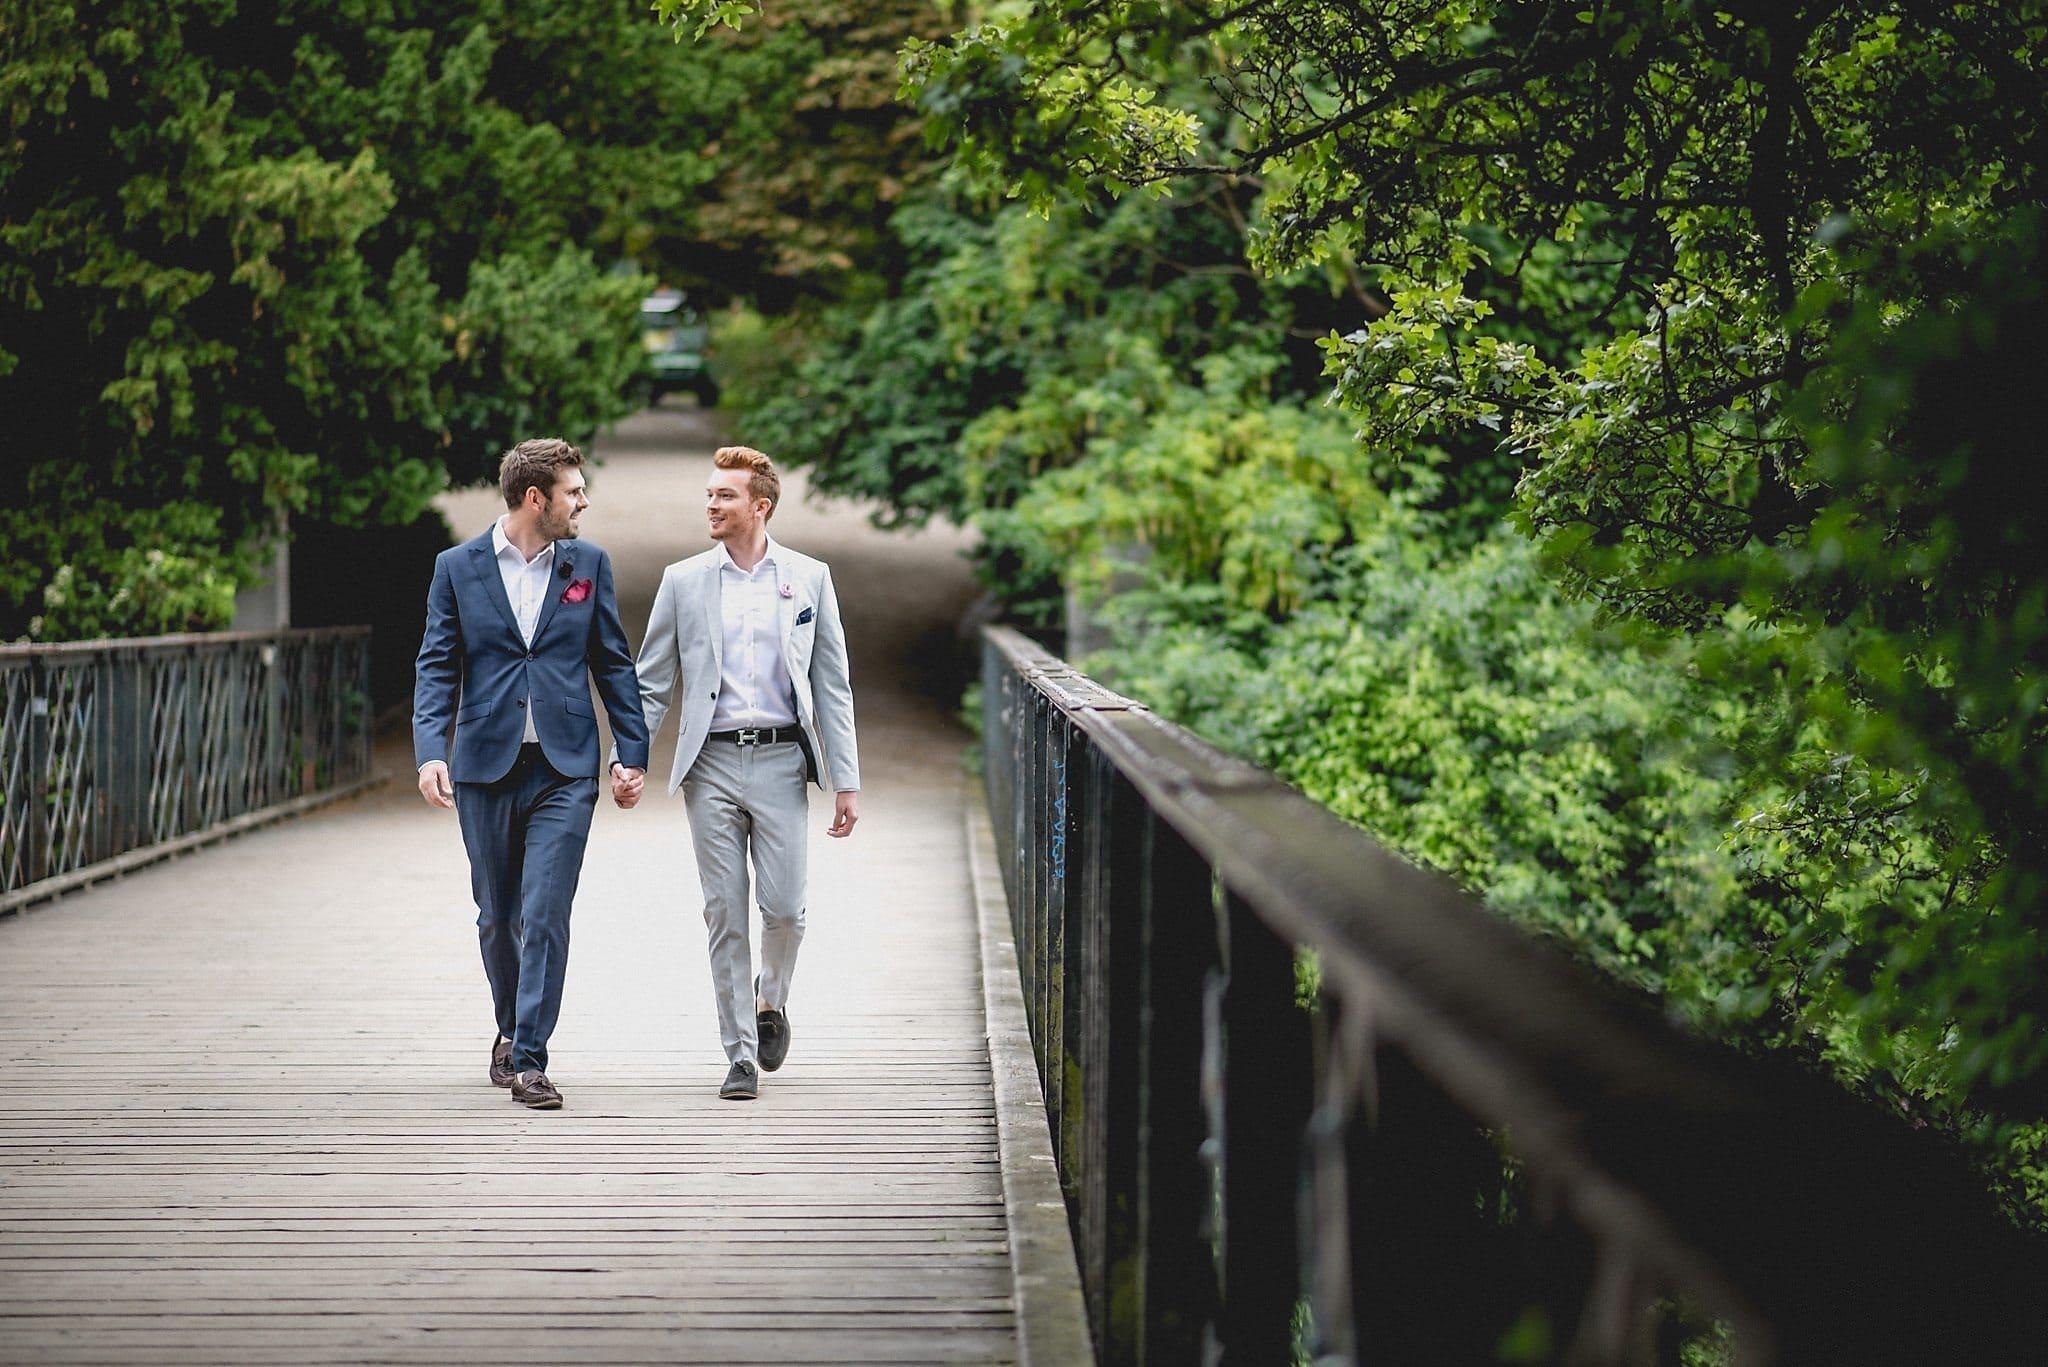 Drew and Tom walk hand in hand across the bridge in Ørstedsparken, Copenhagen